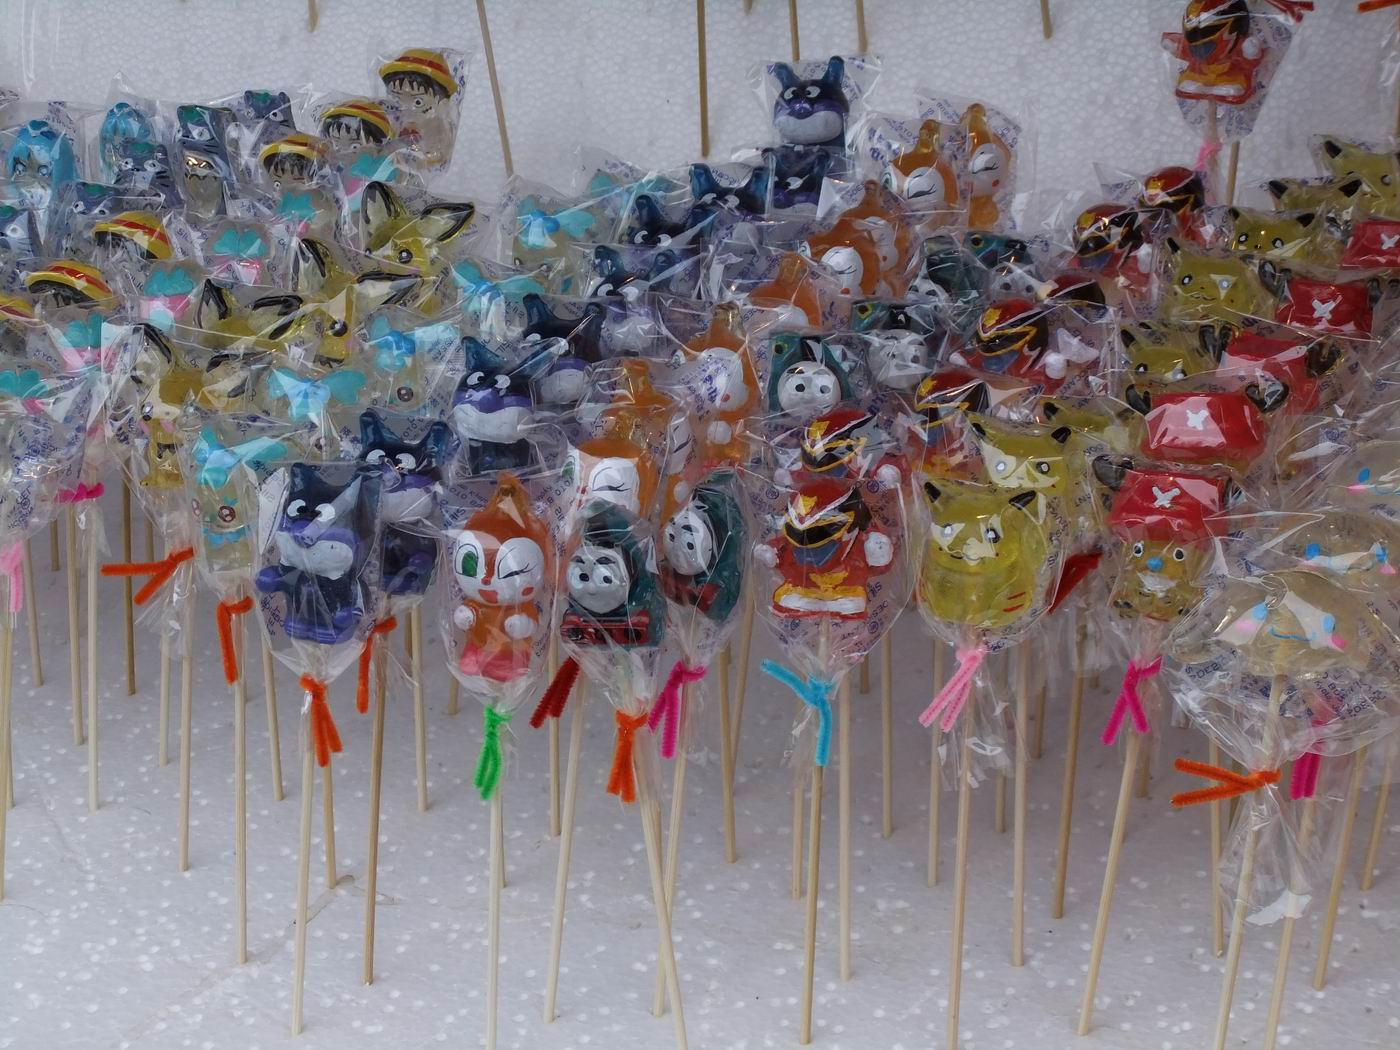 【秋田冬之祭典!】大館AMEKKO市集(糖果市集)販賣各種類型豐富的糖果,色彩繽紛 很有特色